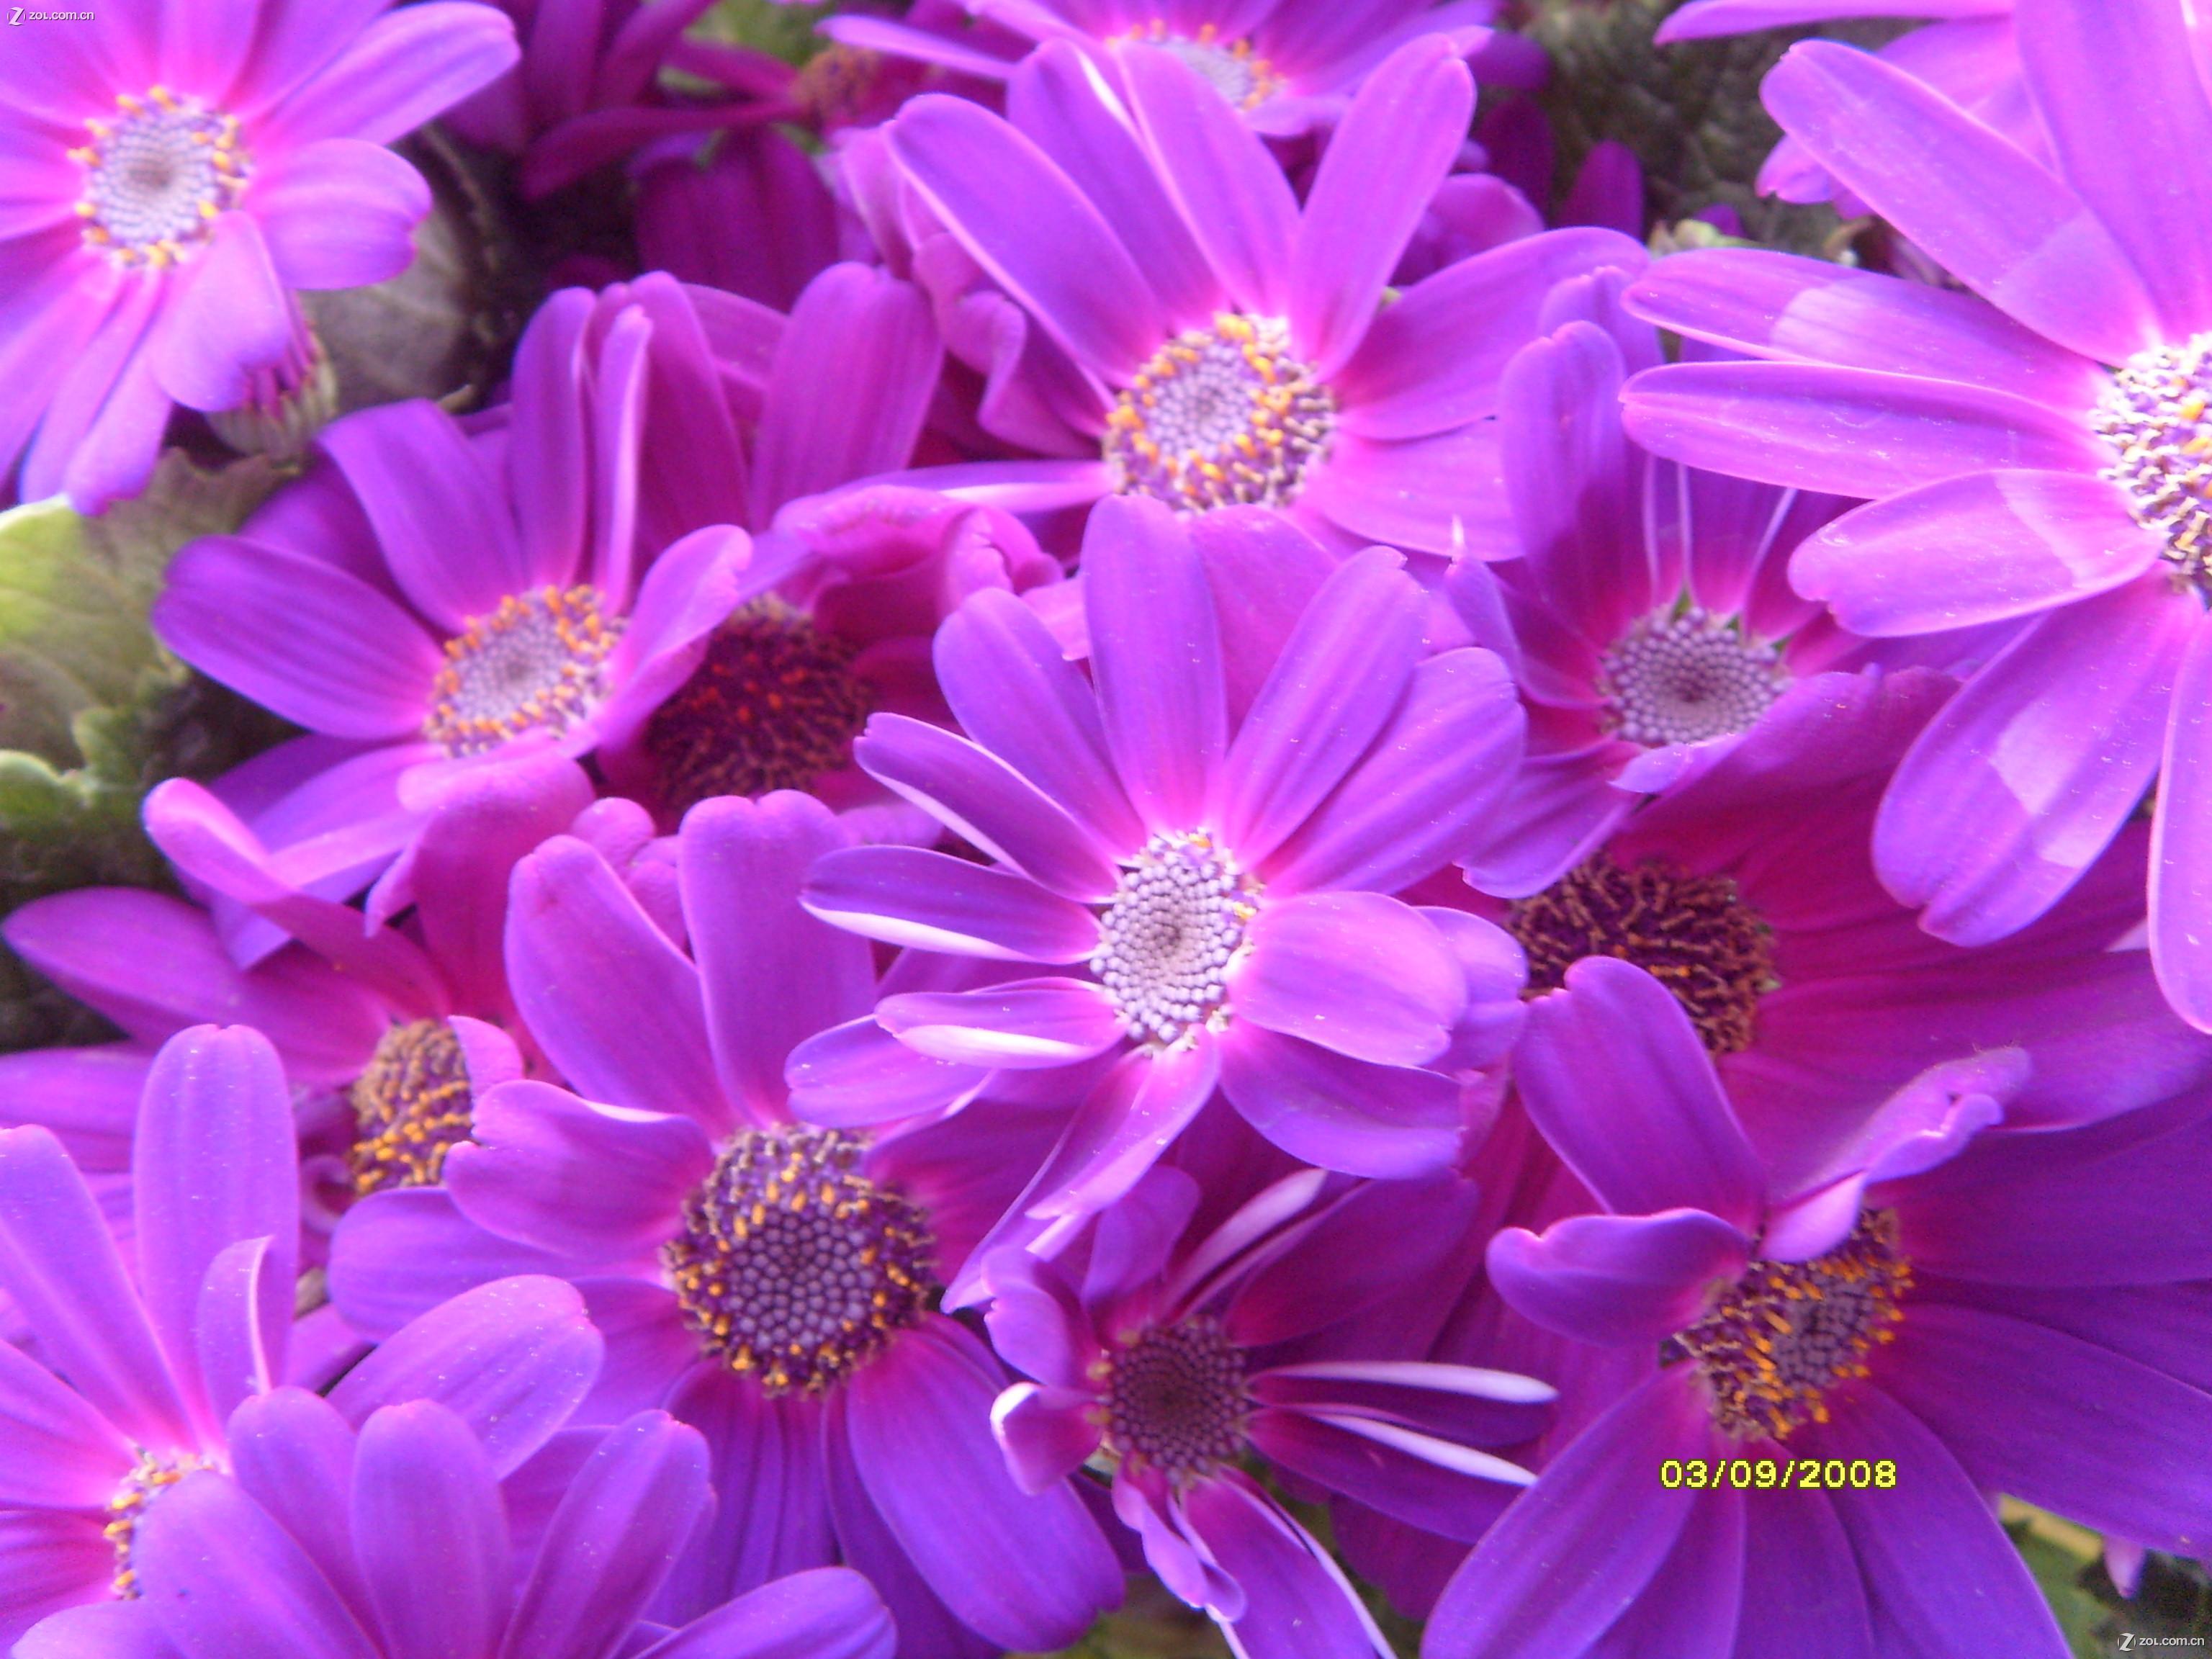 【春天采蜜的小蜜蜂】-动物植物论坛-zol中关村在线